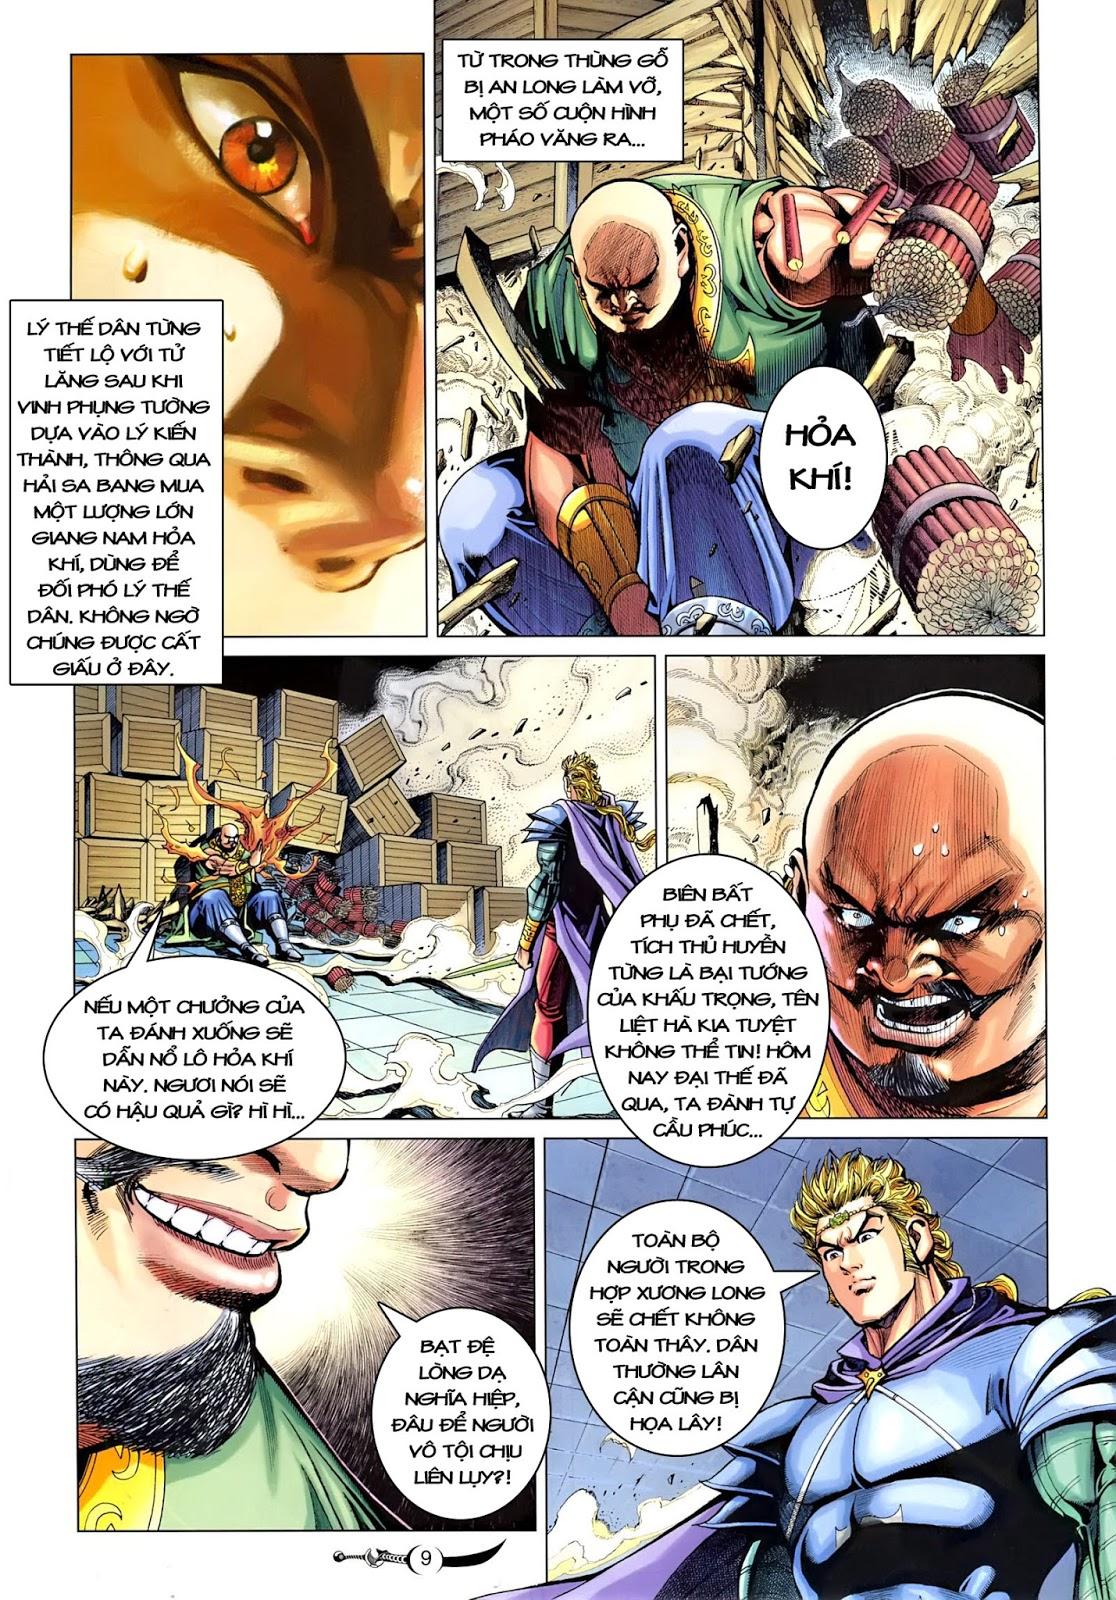 Đại Đường Song Long Truyện chap 218 - Trang 11